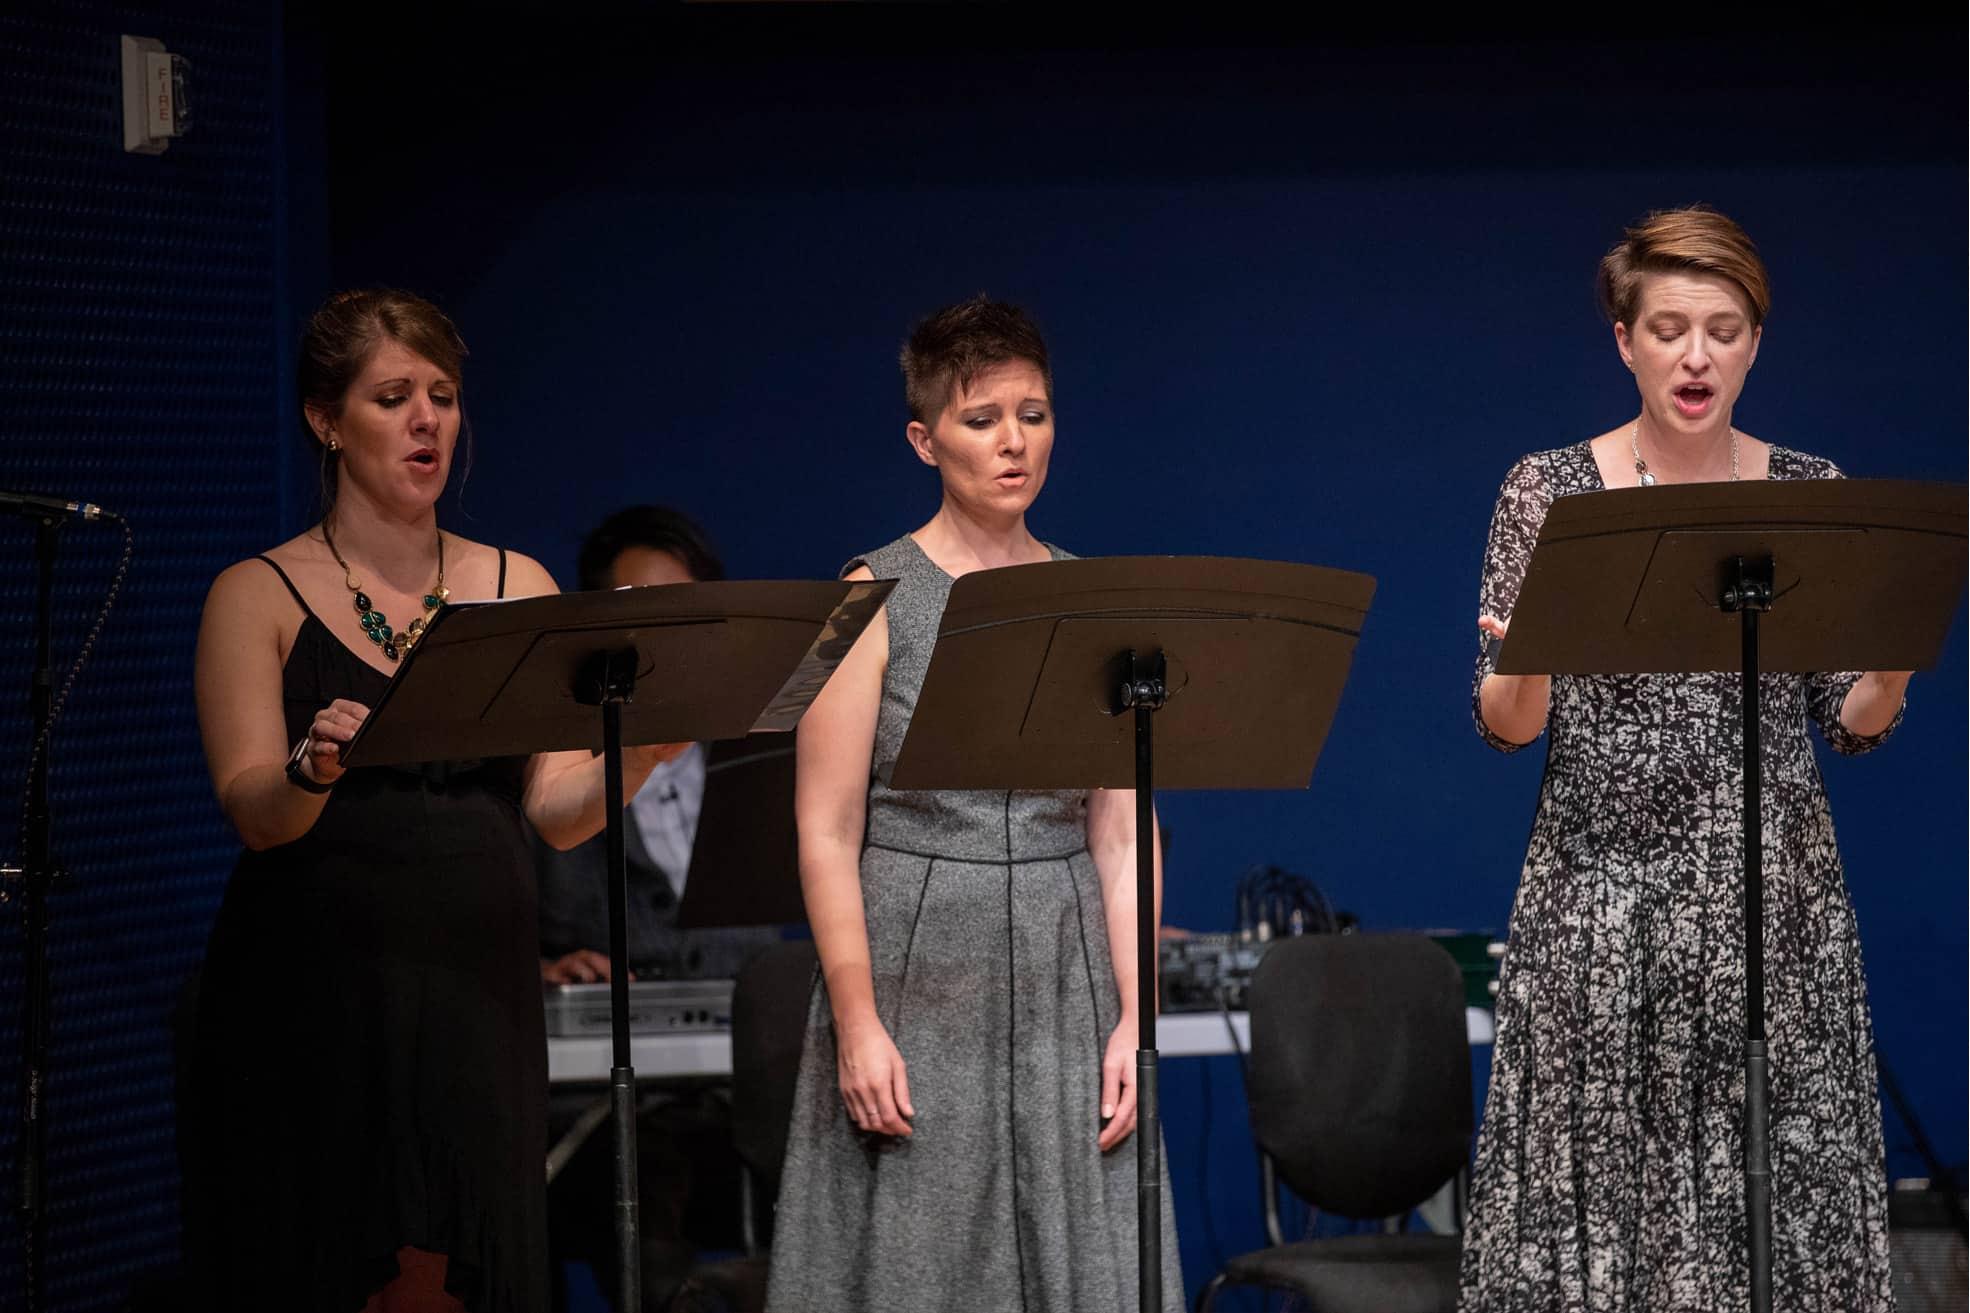 Unfinished Concert Reading | © AJV Media, 2018